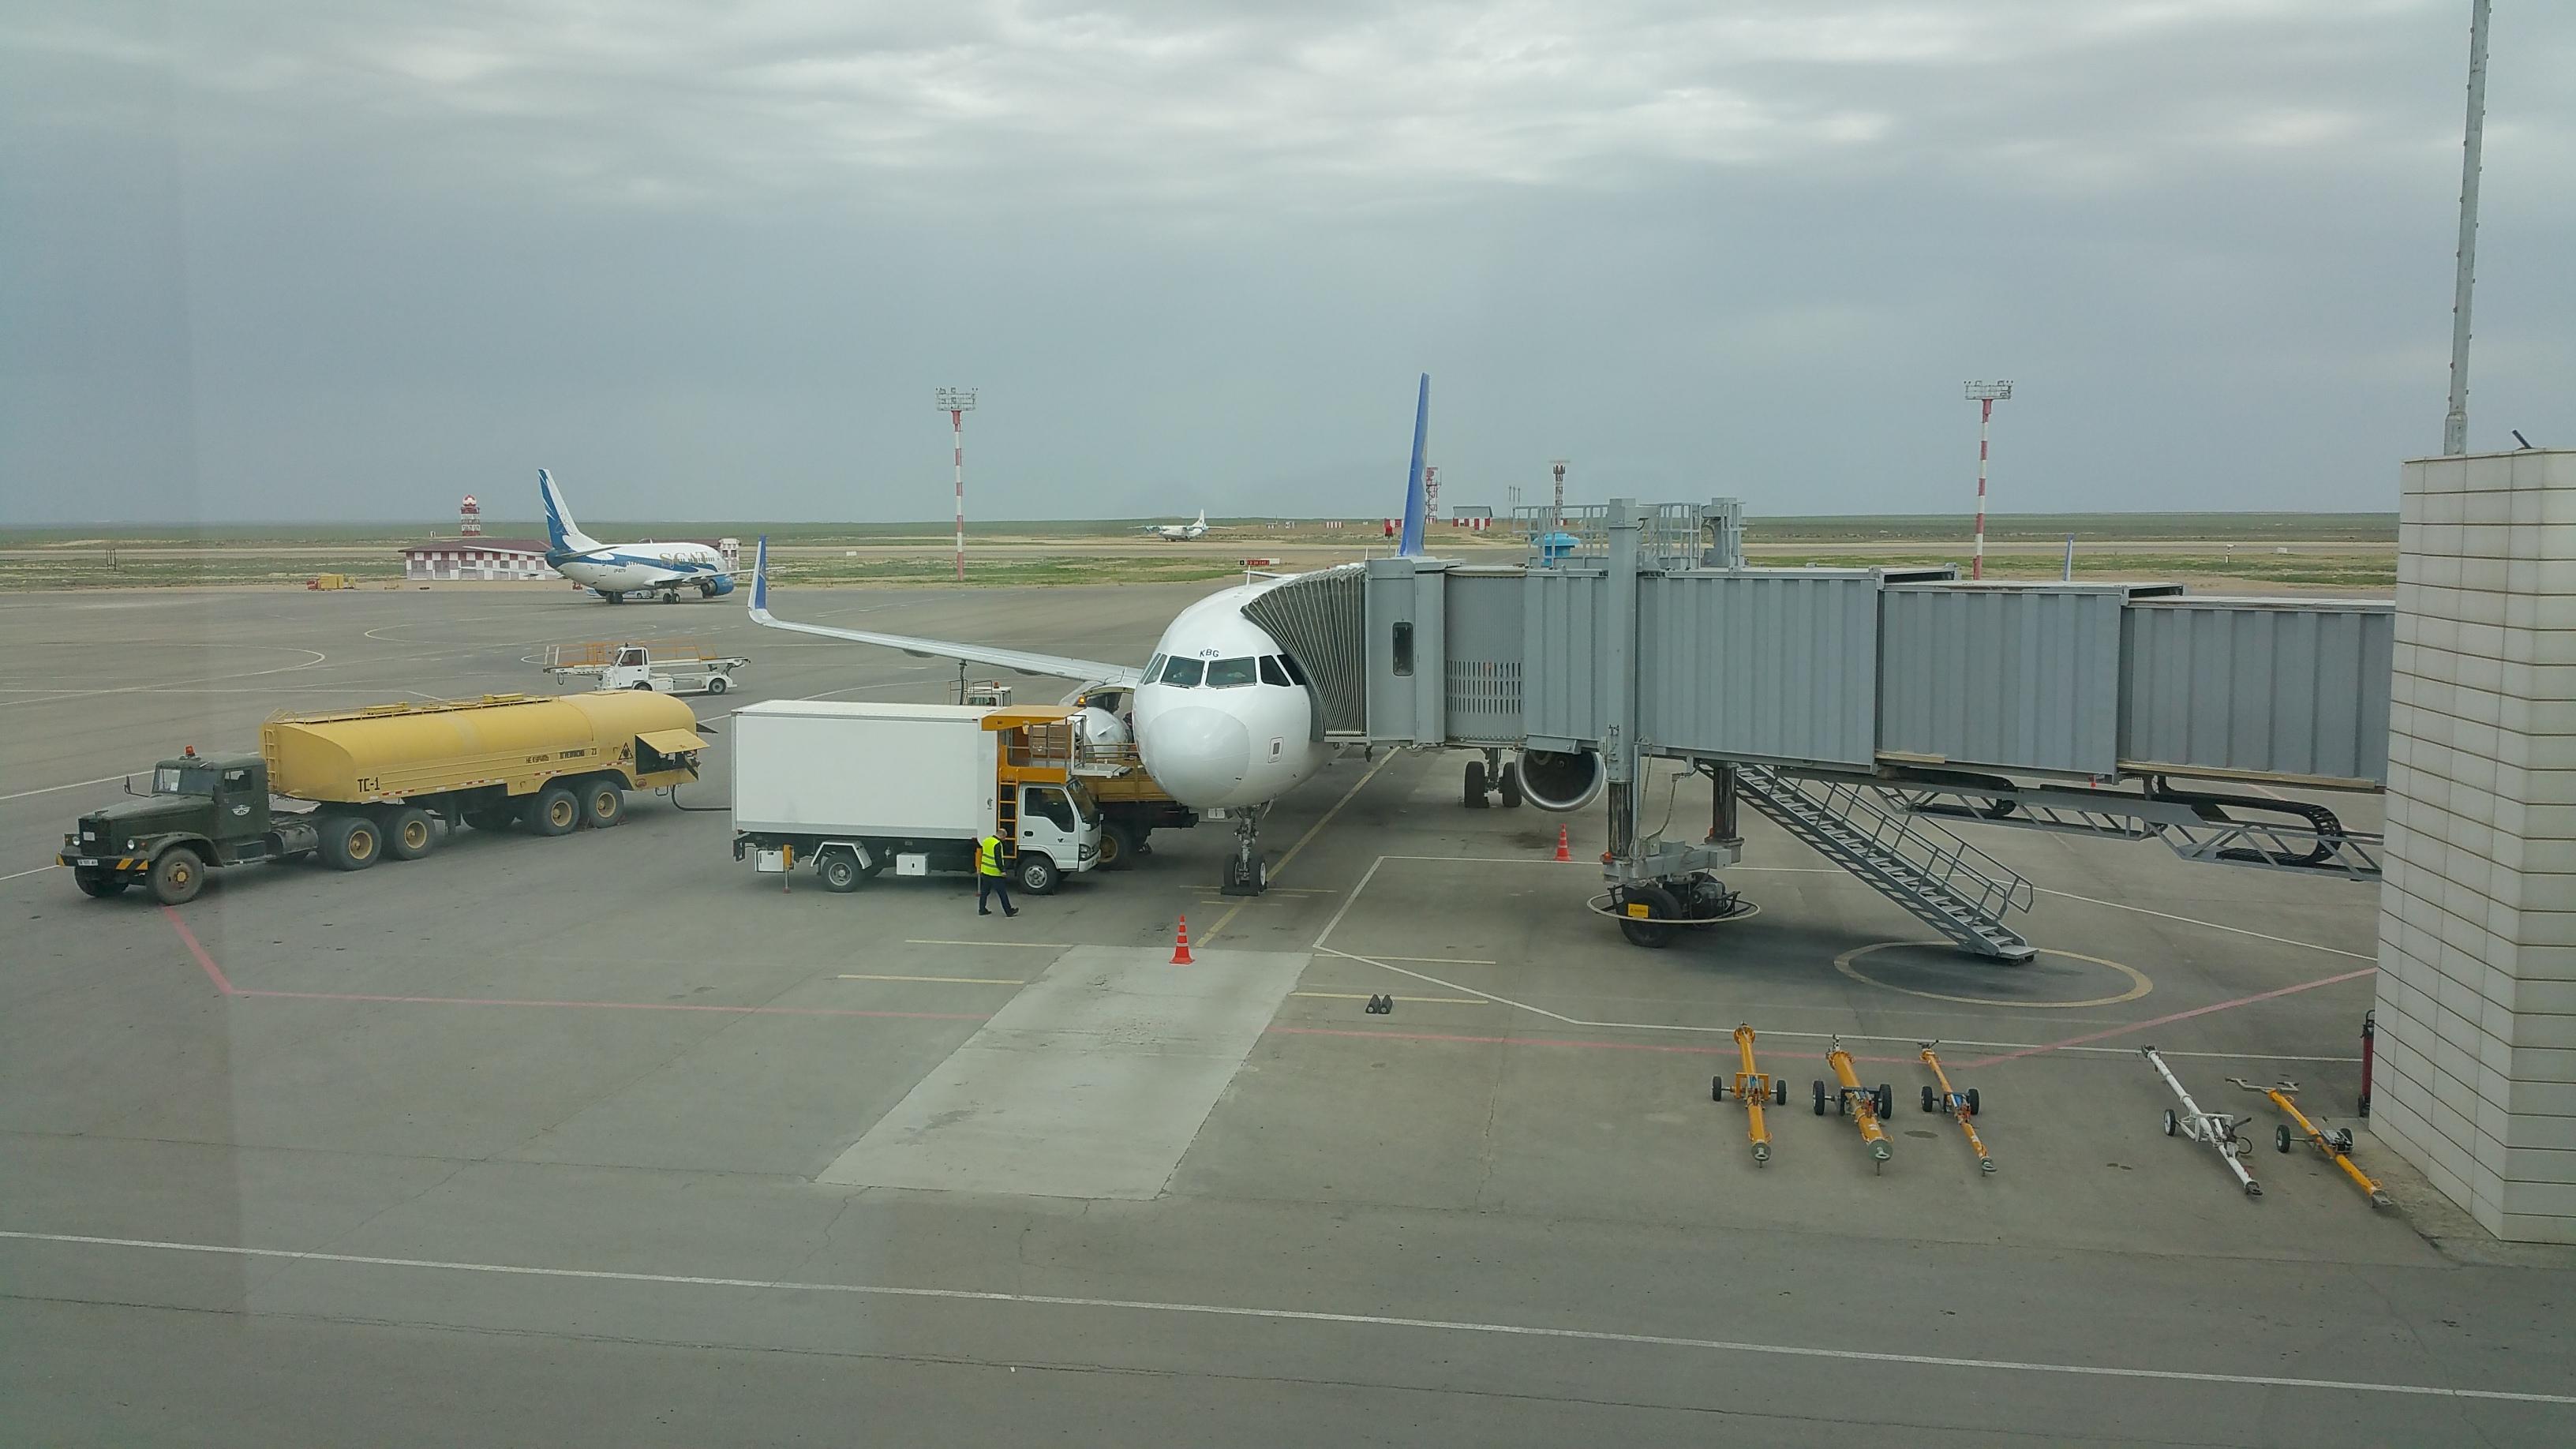 My Air Astana flight from Almaty to Aktau, Kazakhstan (May, 2015)